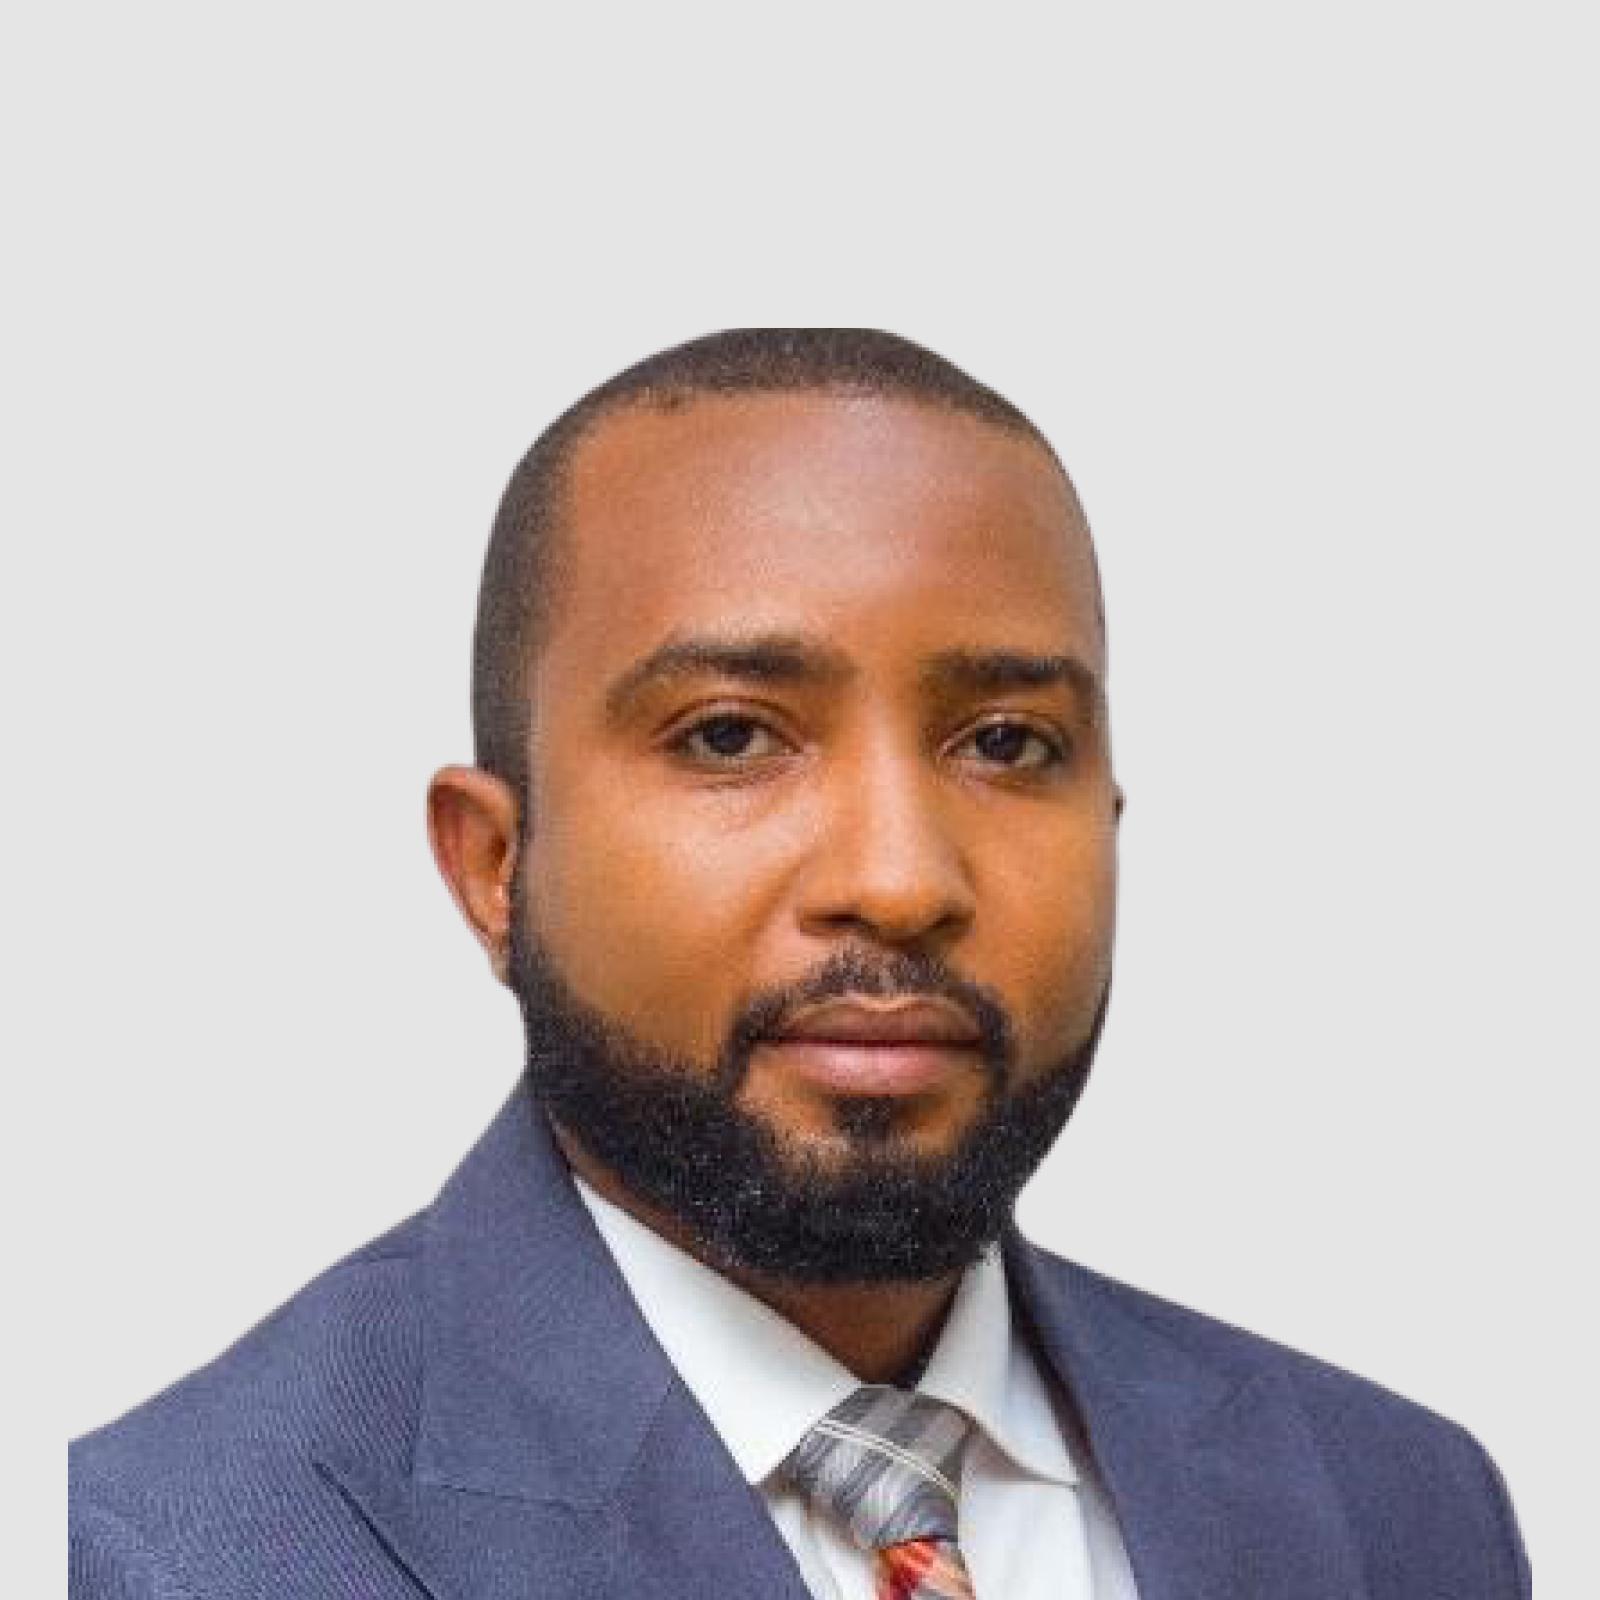 http://devafrique.com/wp-content/uploads/2021/07/Assadigi-Assadugu-Consultant-Nigeria-Ghana-1.jpg